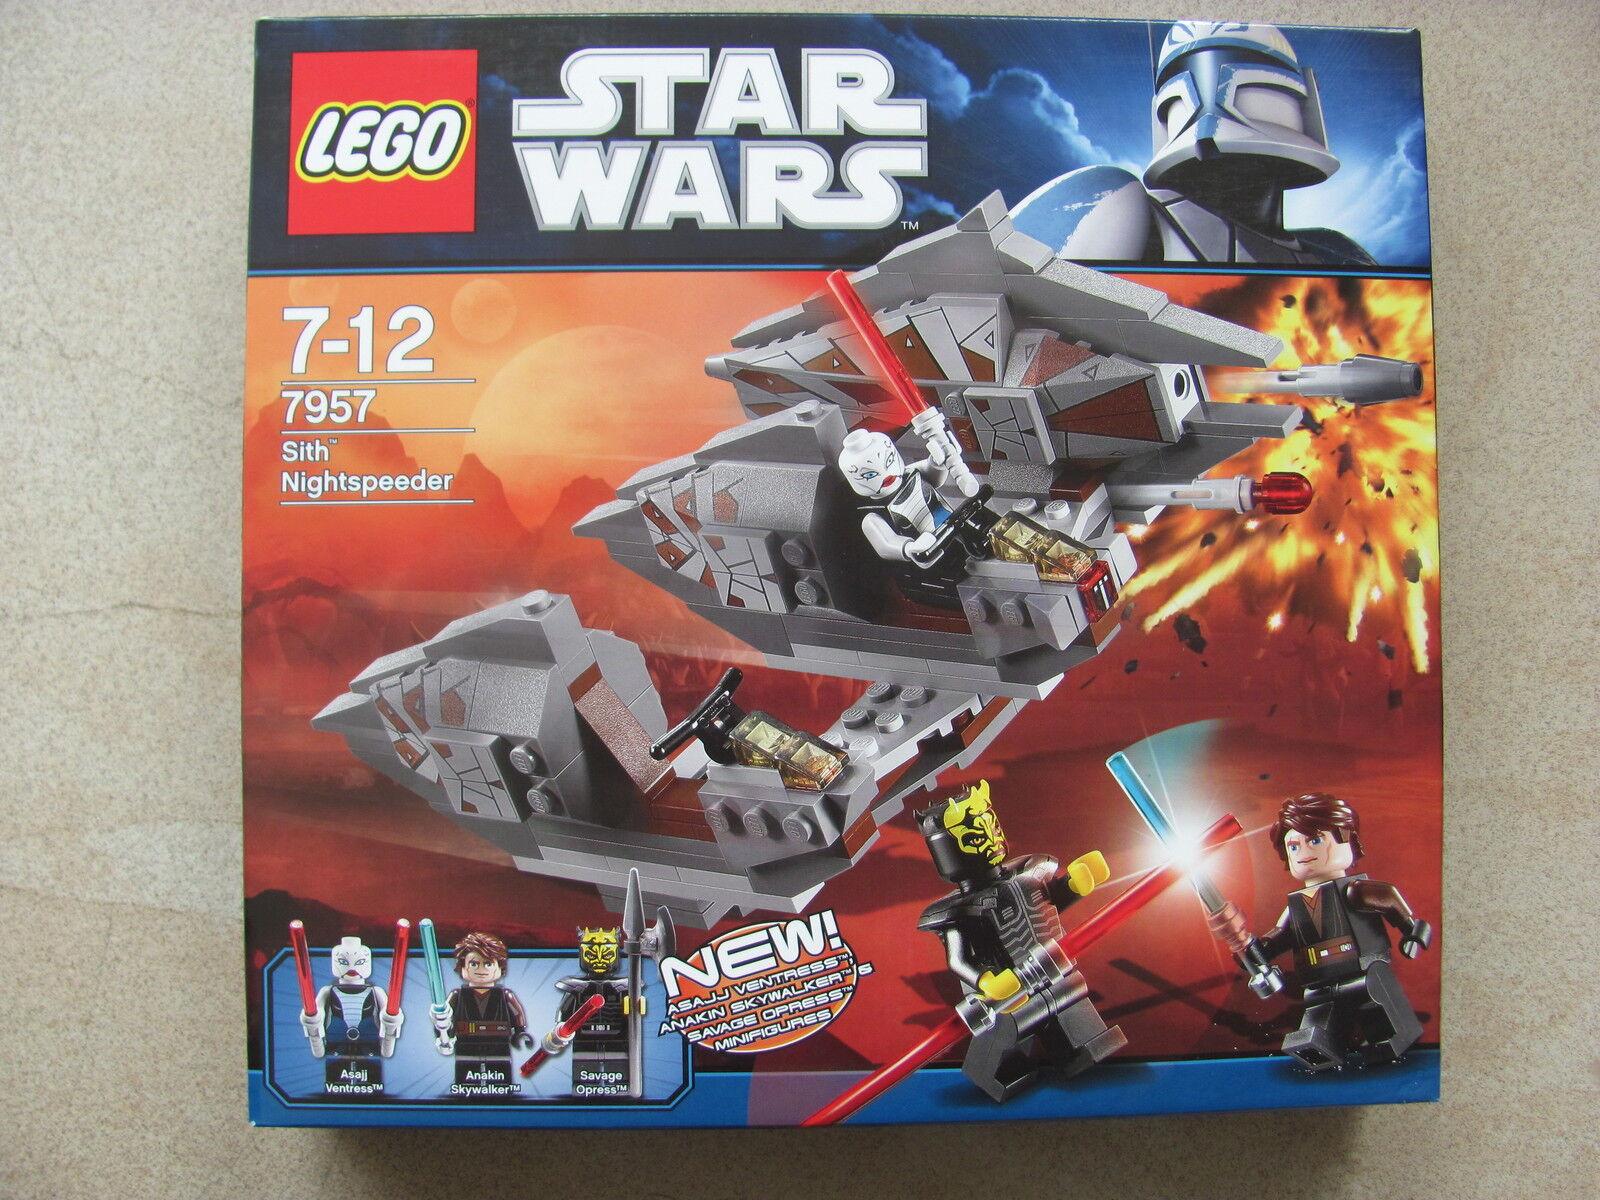 Lego Estrella Wars 7957 Sith nightspeeder 2011 nuevo & OVP